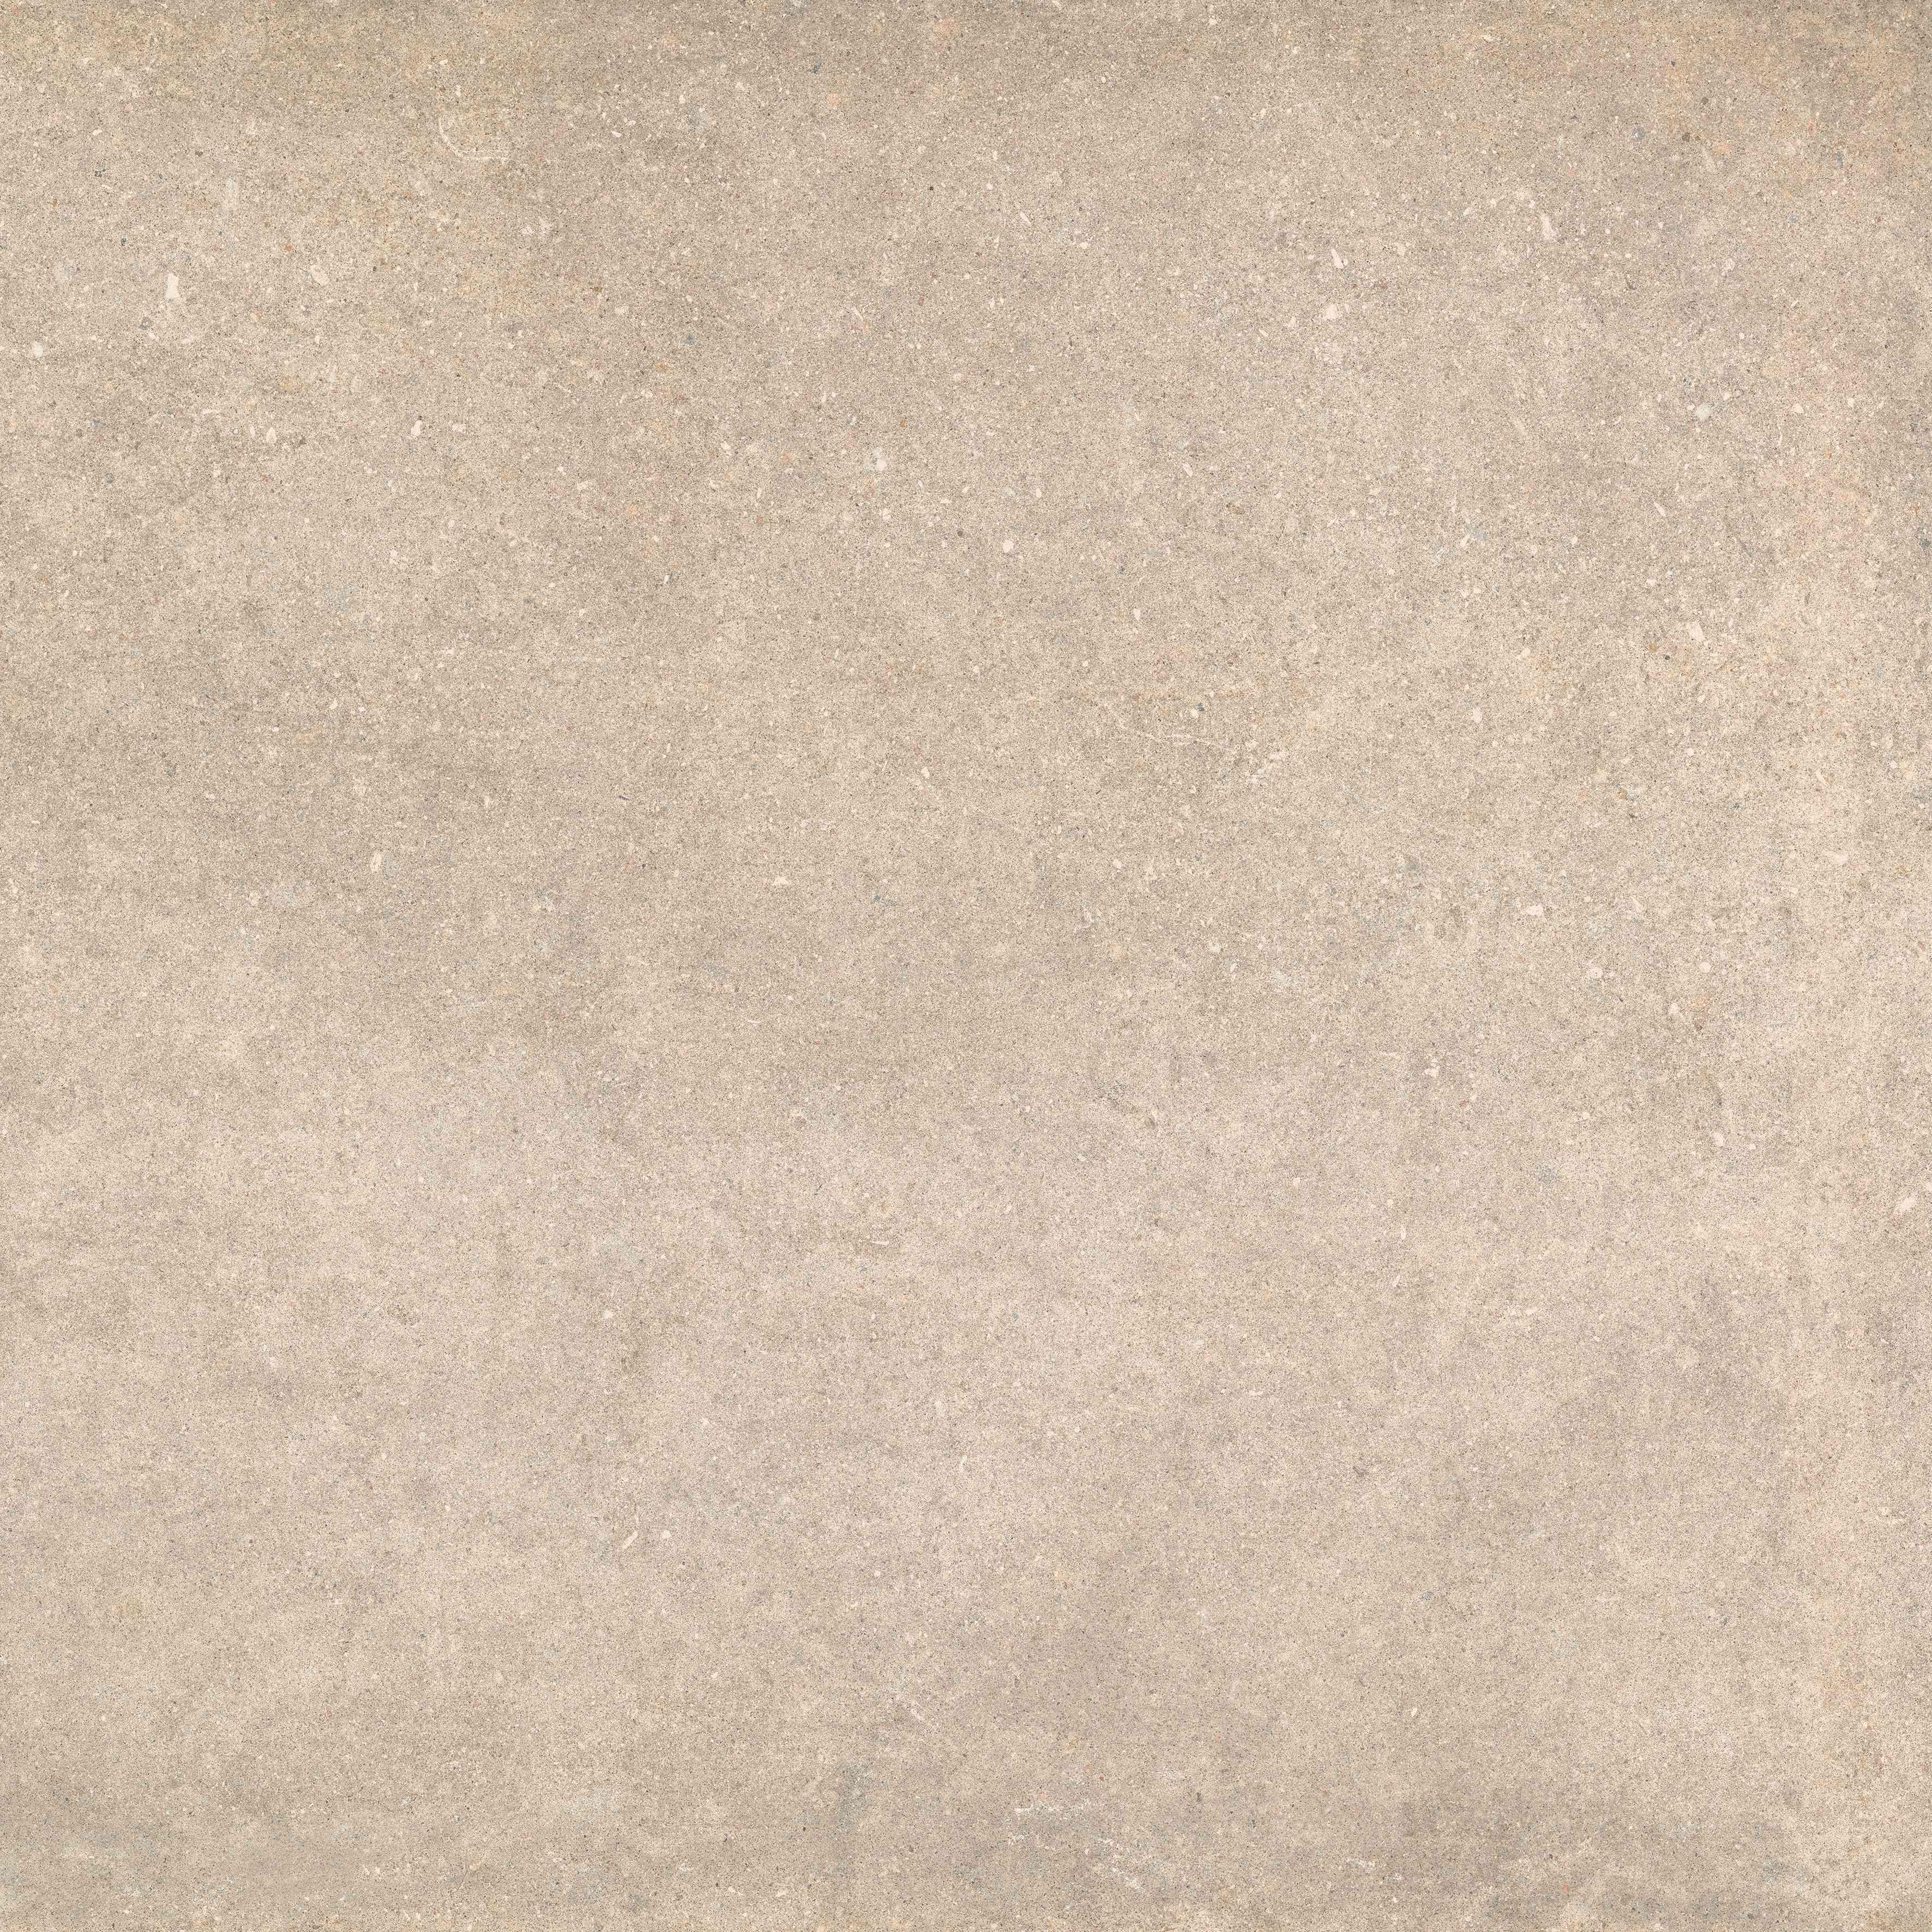 Плитка SABBIA (ZRXRM3R) изображение 0